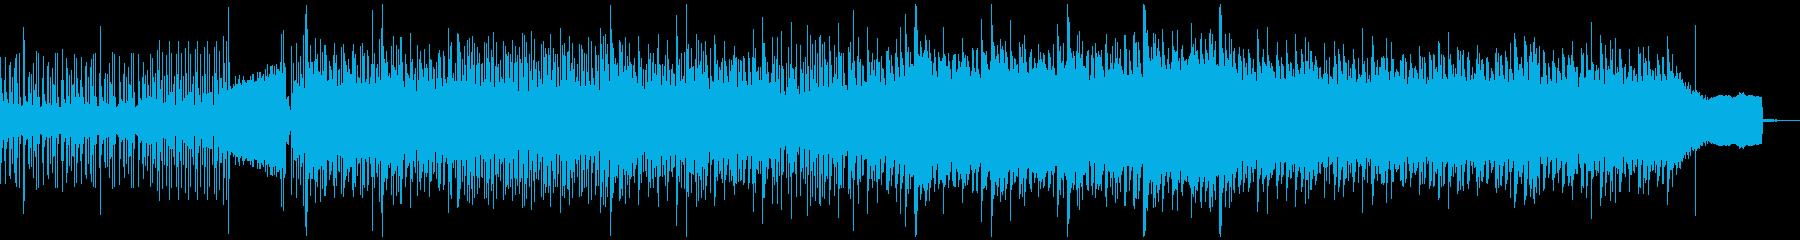 三味線が熱い和風テクノ・ロック・バトルの再生済みの波形